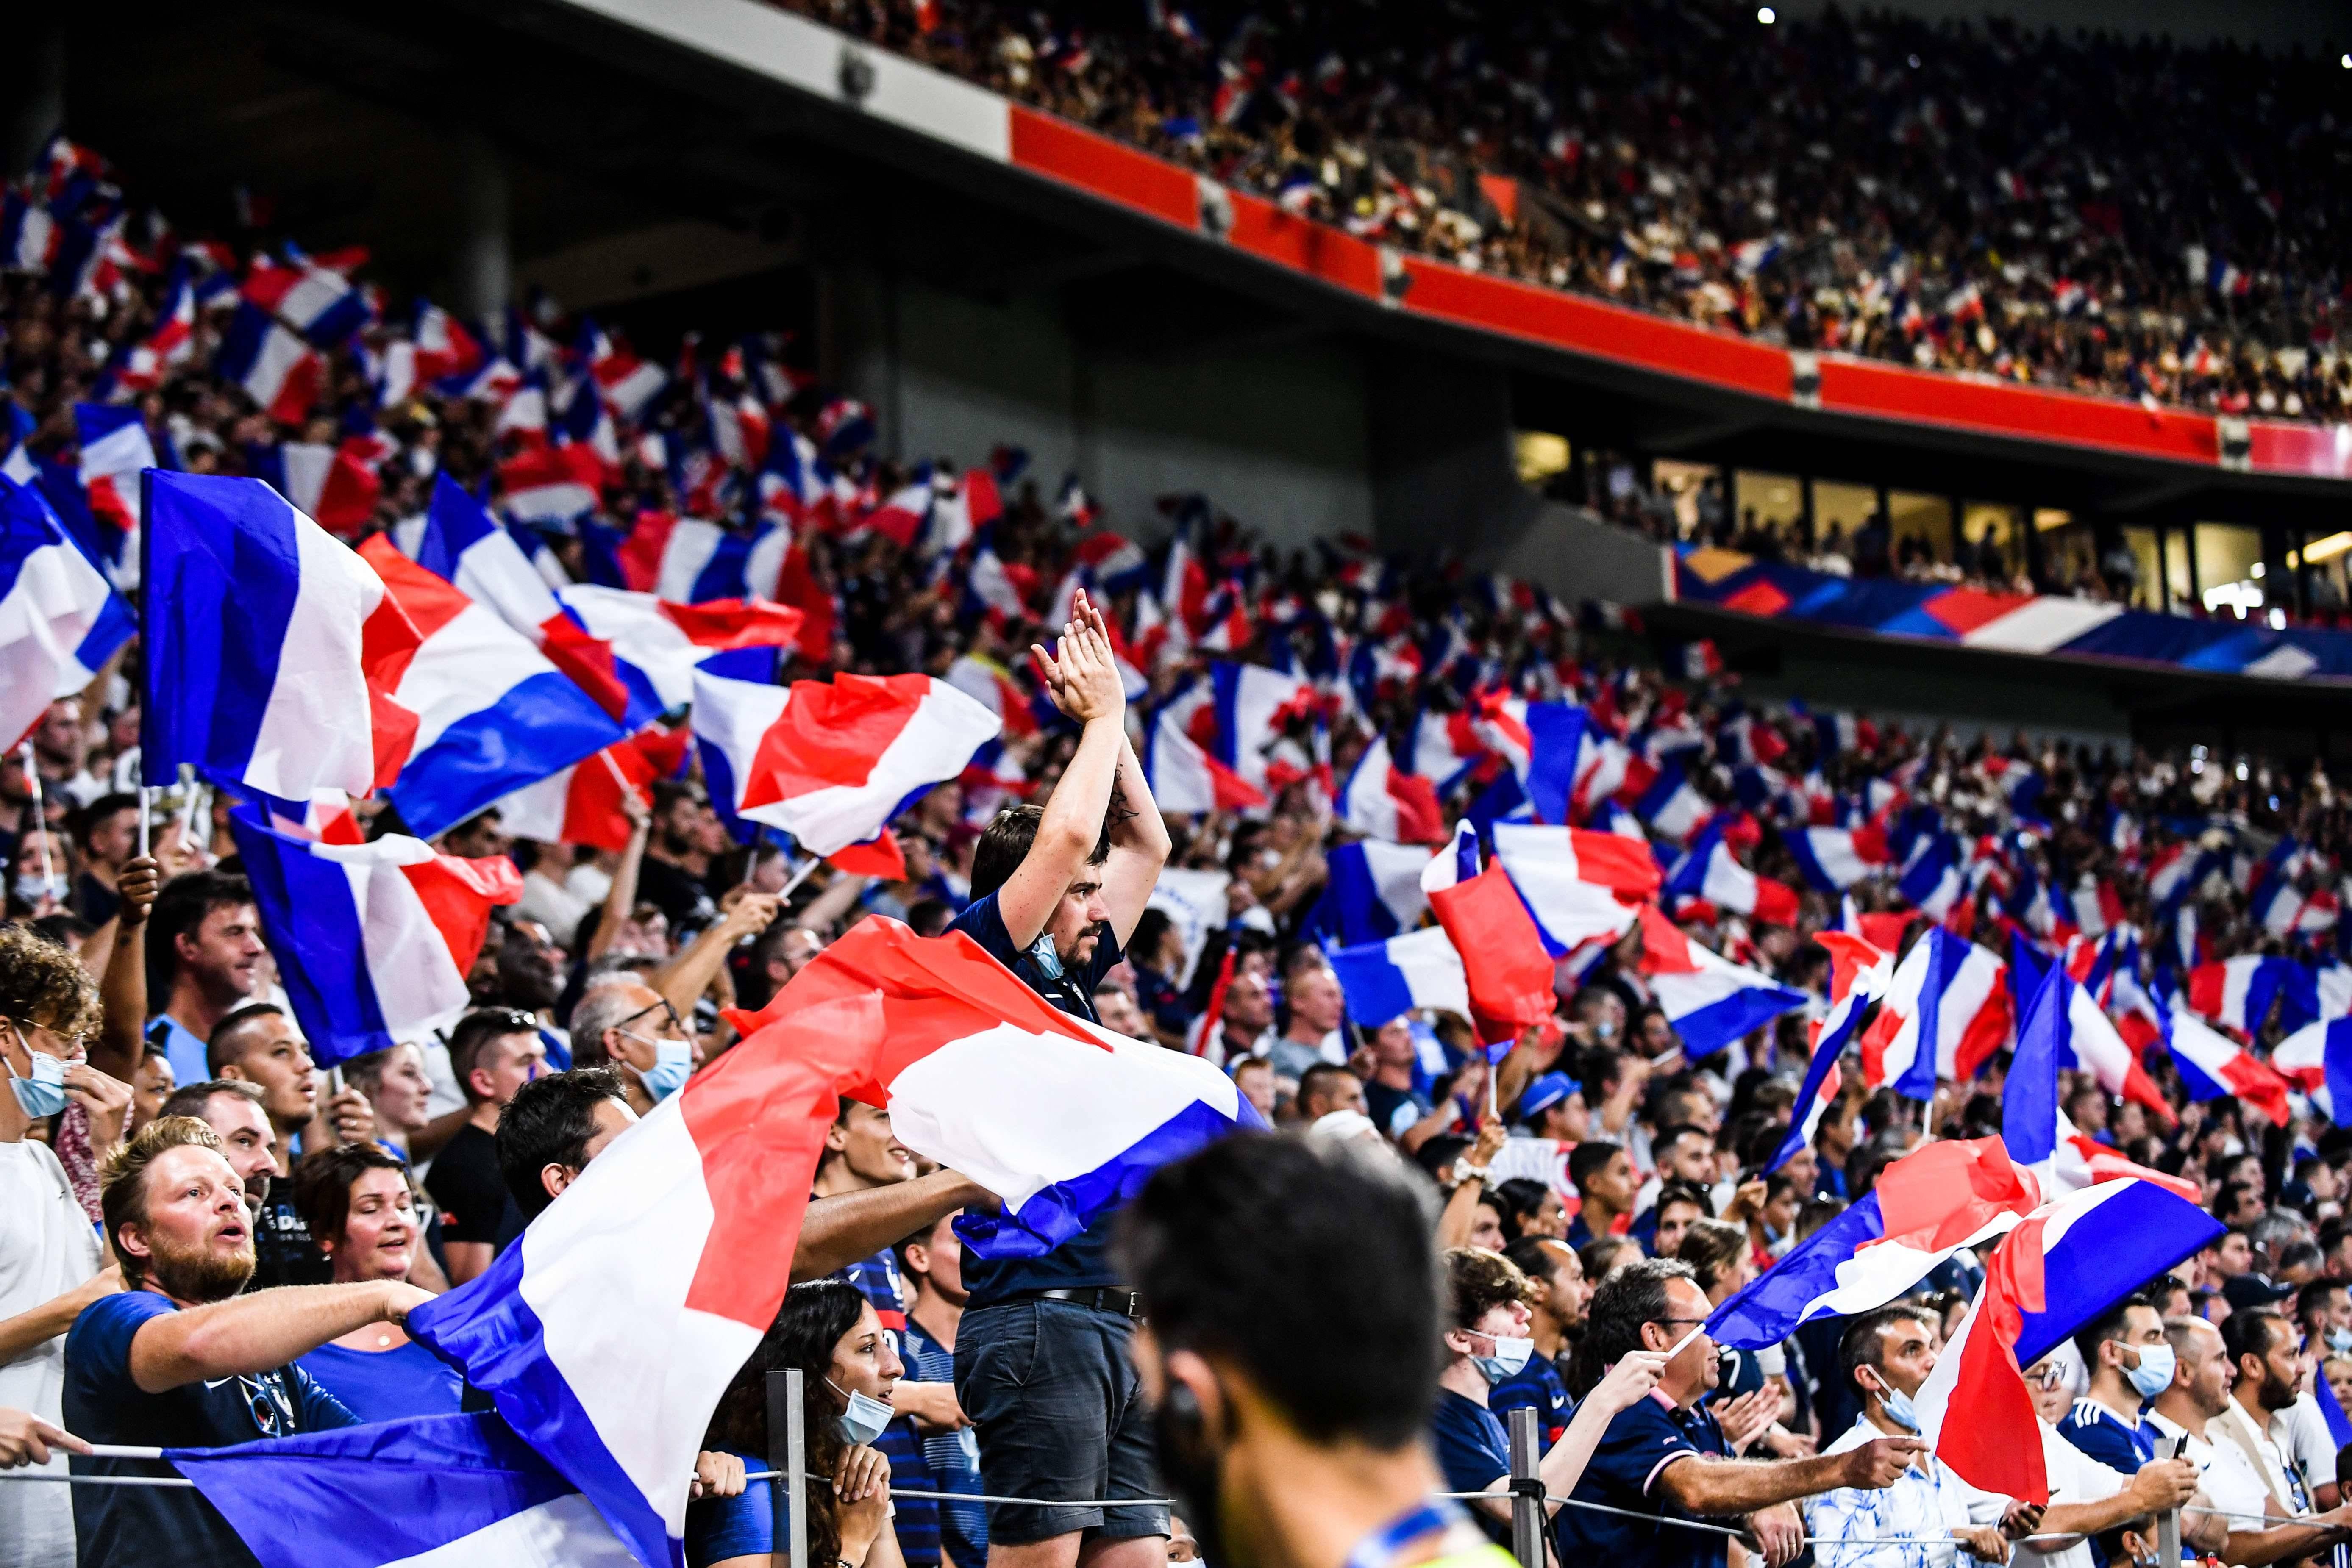 La joie des supporters présents dans un Groupama Stadium à guichets fermés